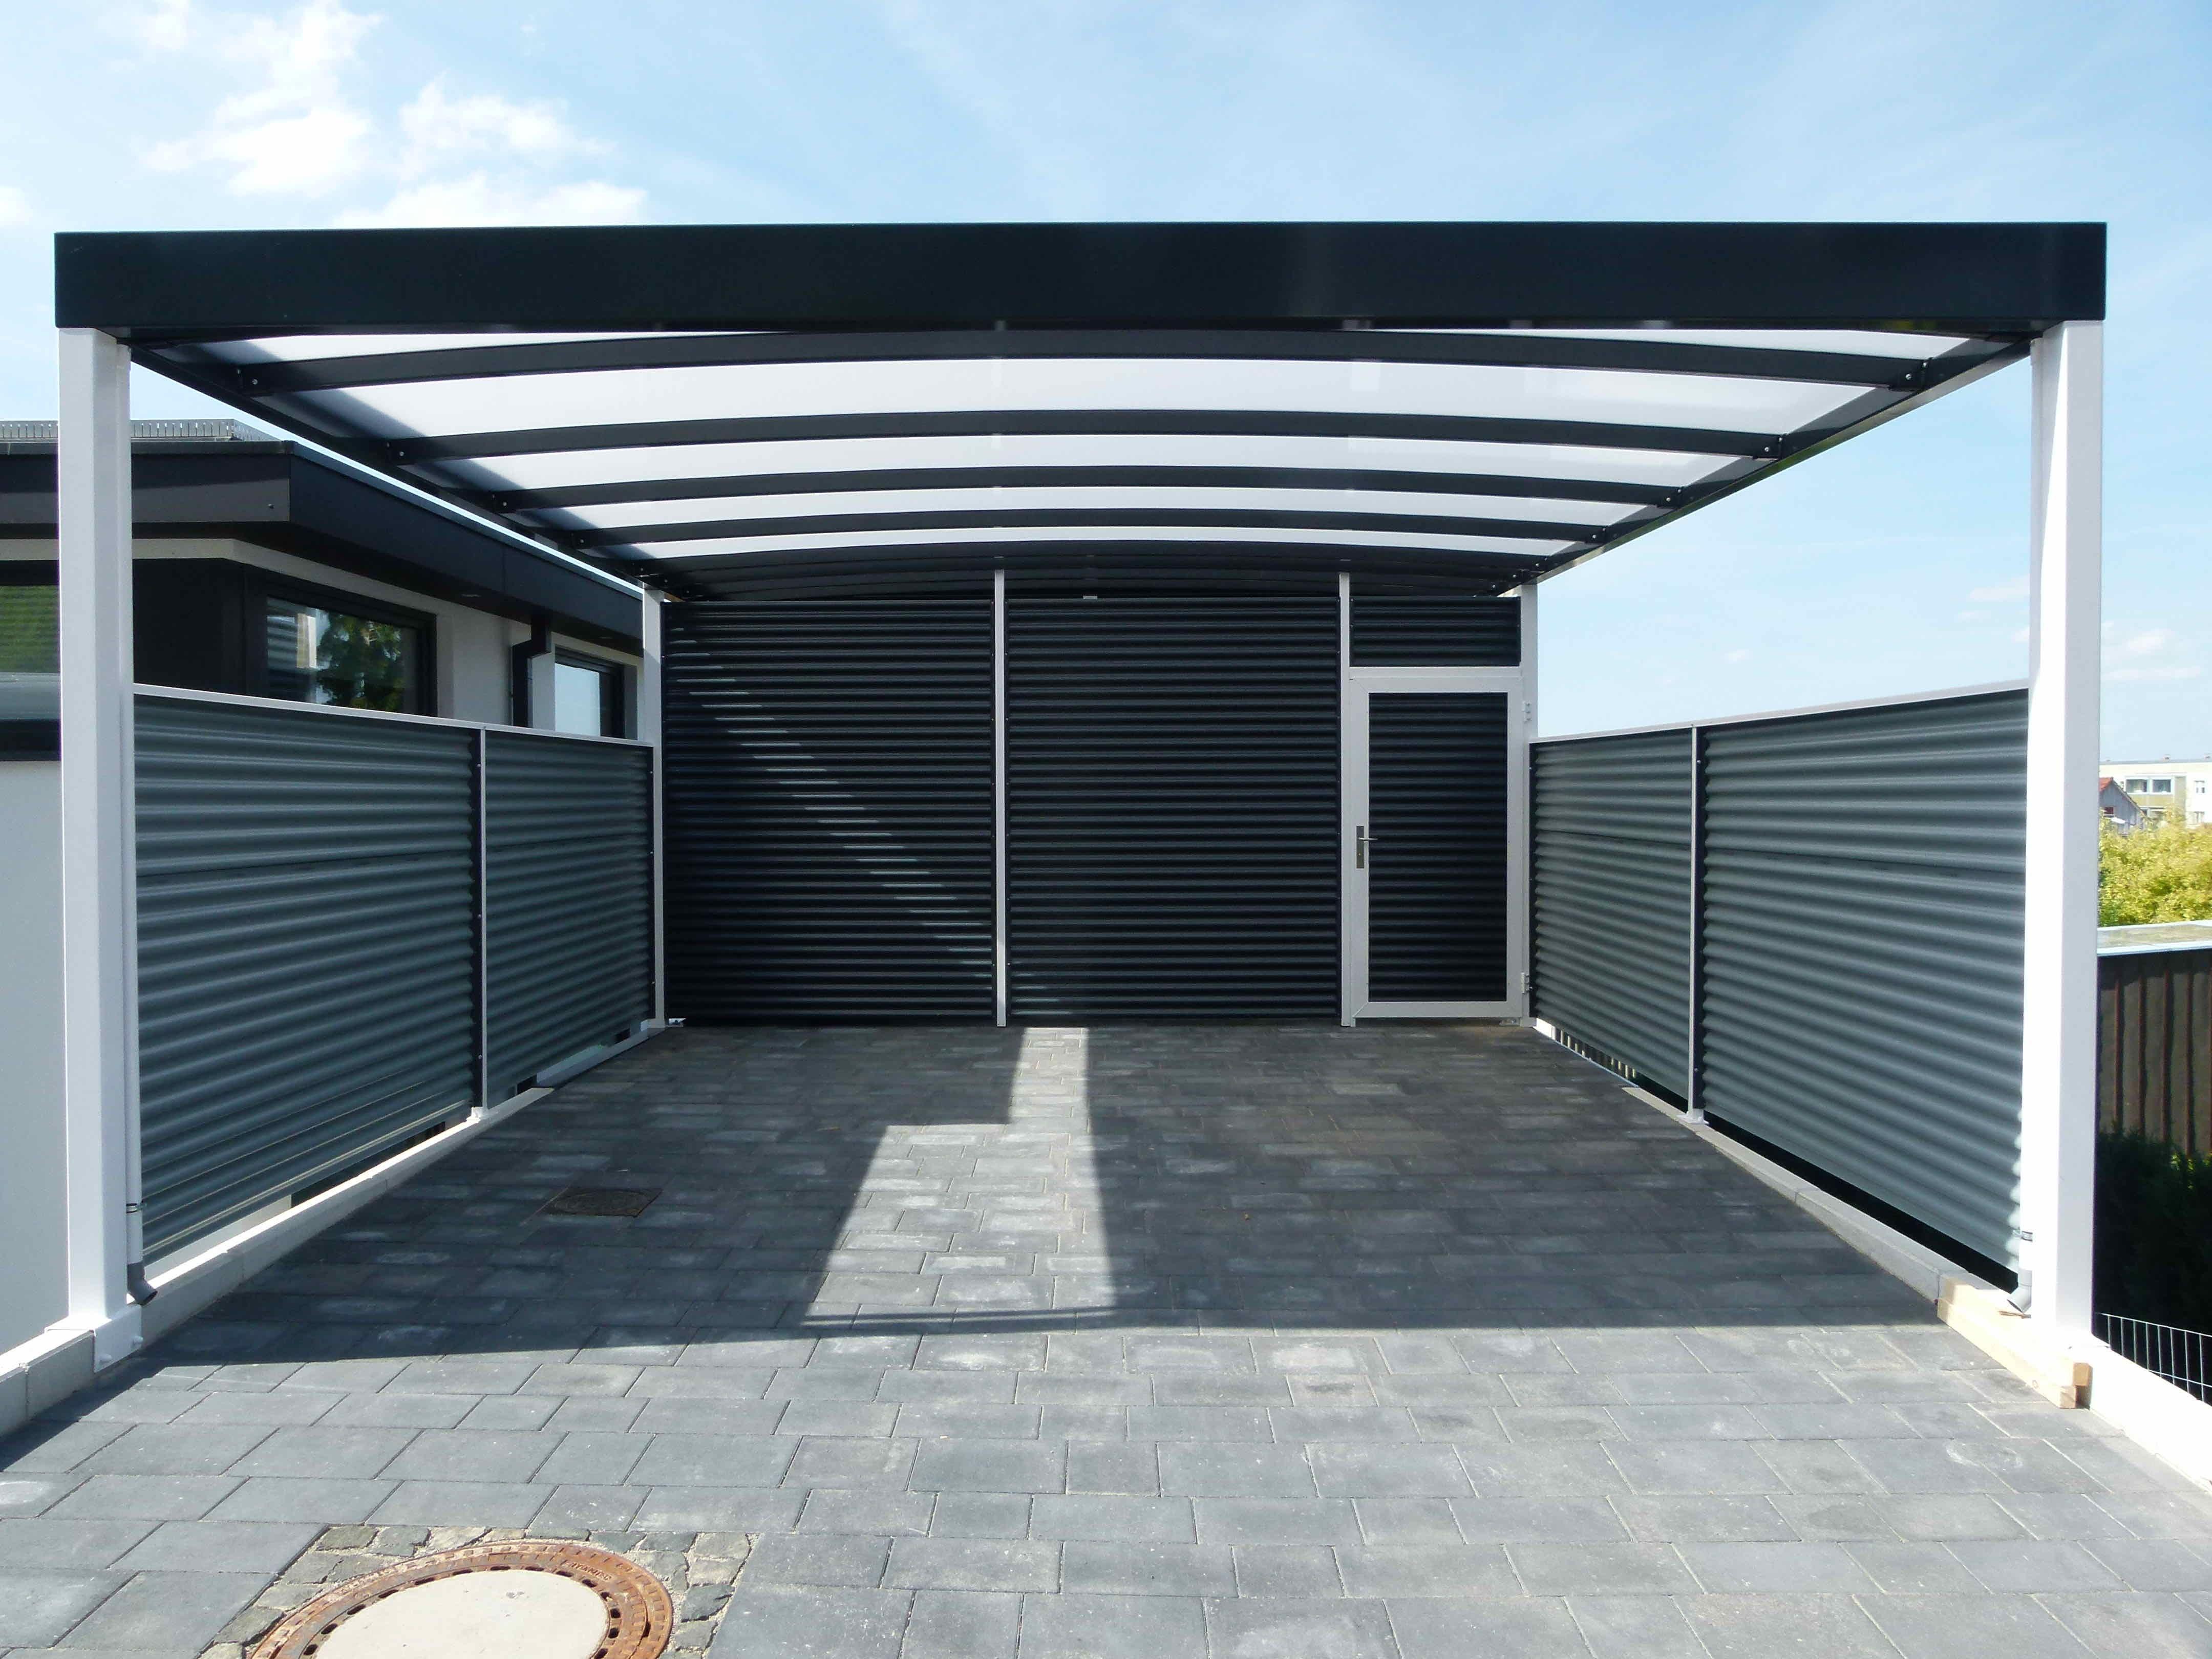 Premium Carport Aus Stahl Mit Abstellraum Und Lichtdurchlassiger Dacheindeckung Abstellraum Und Seitenwande Aus Stahlwelle In Anthrazit Du Suchst Auch Nach Ei